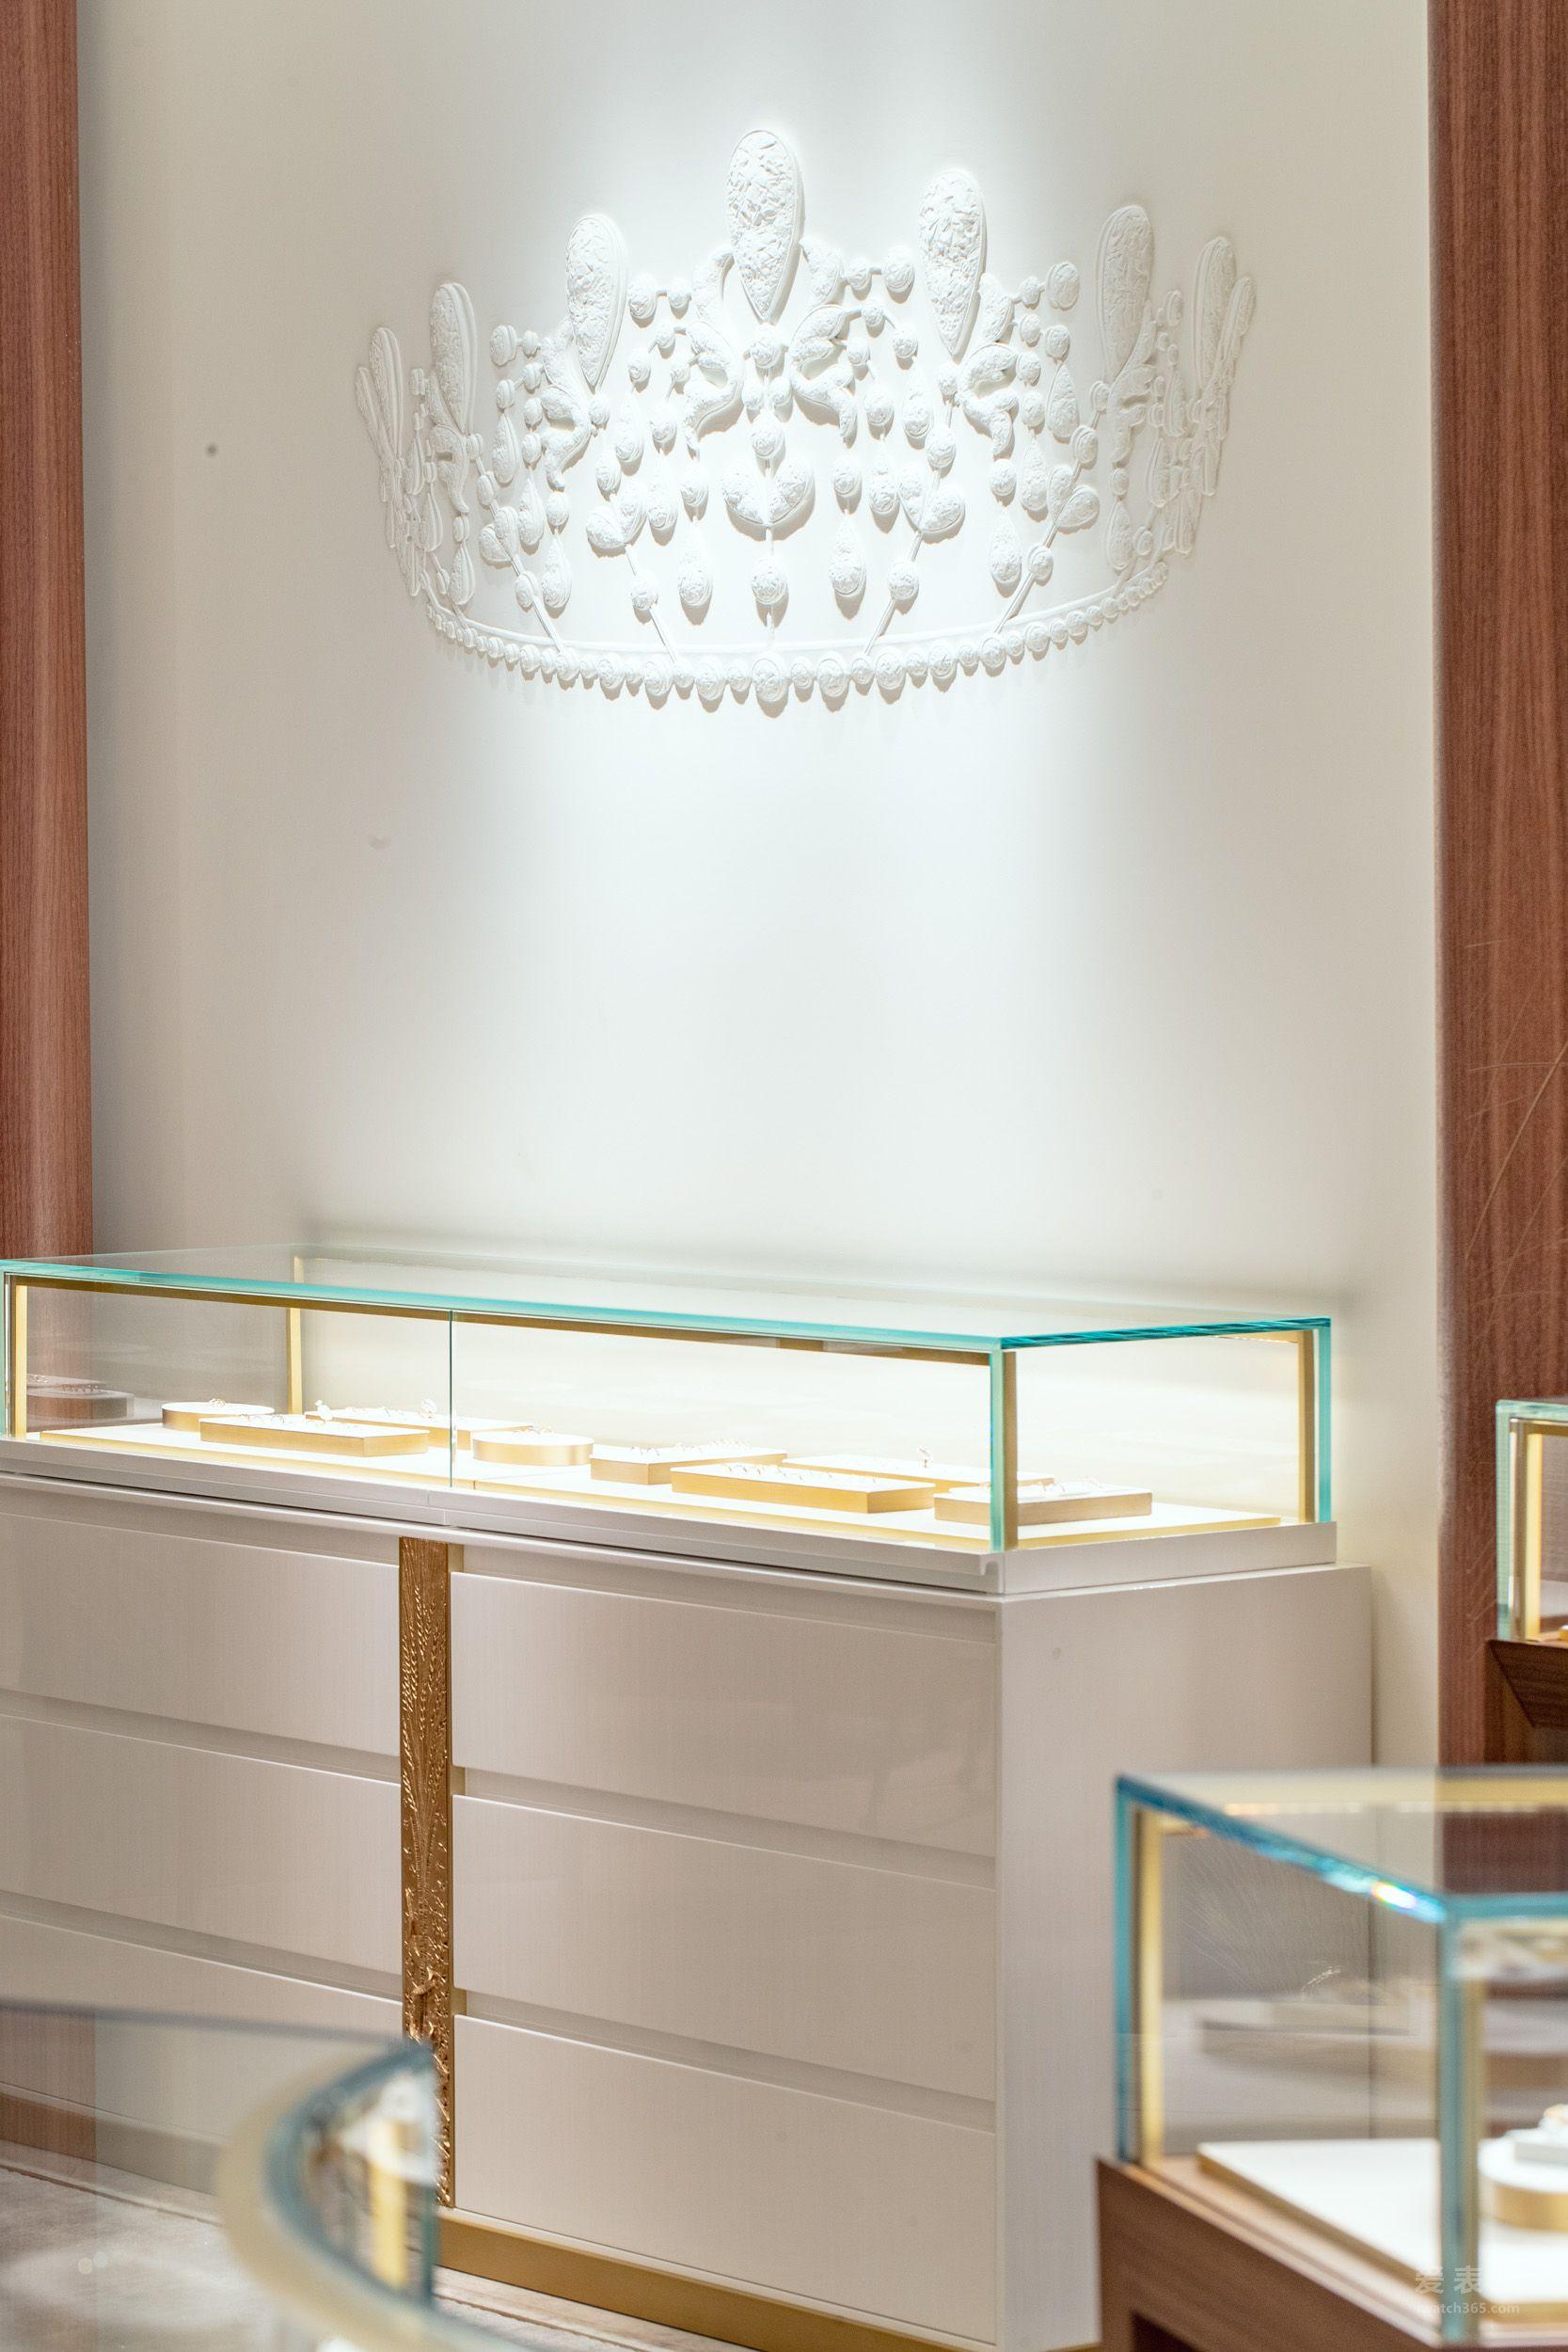 CHAUMET上海国金中心高级精品店全新揭幕 巴黎型格,重装升级